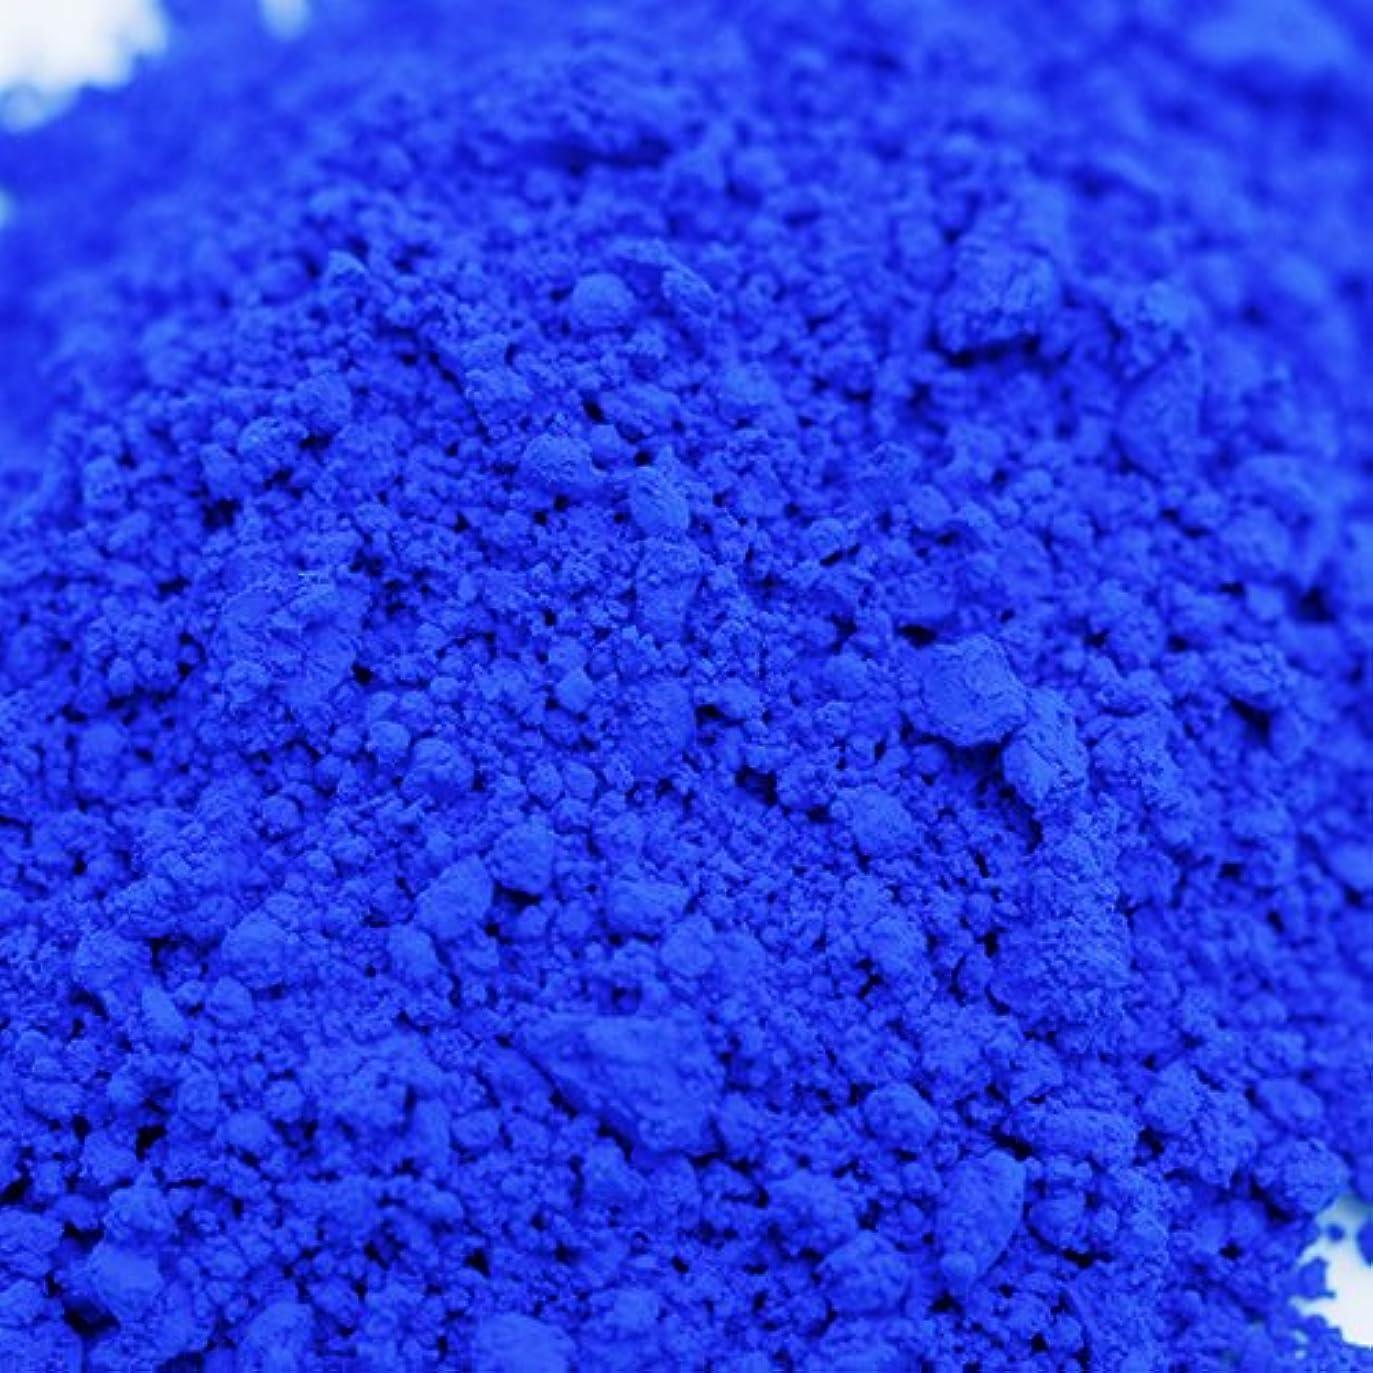 考えるスタジアムピアウルトラマリン ブルー 5g 【手作り石鹸/手作りコスメ/色付け/カラーラント/青】